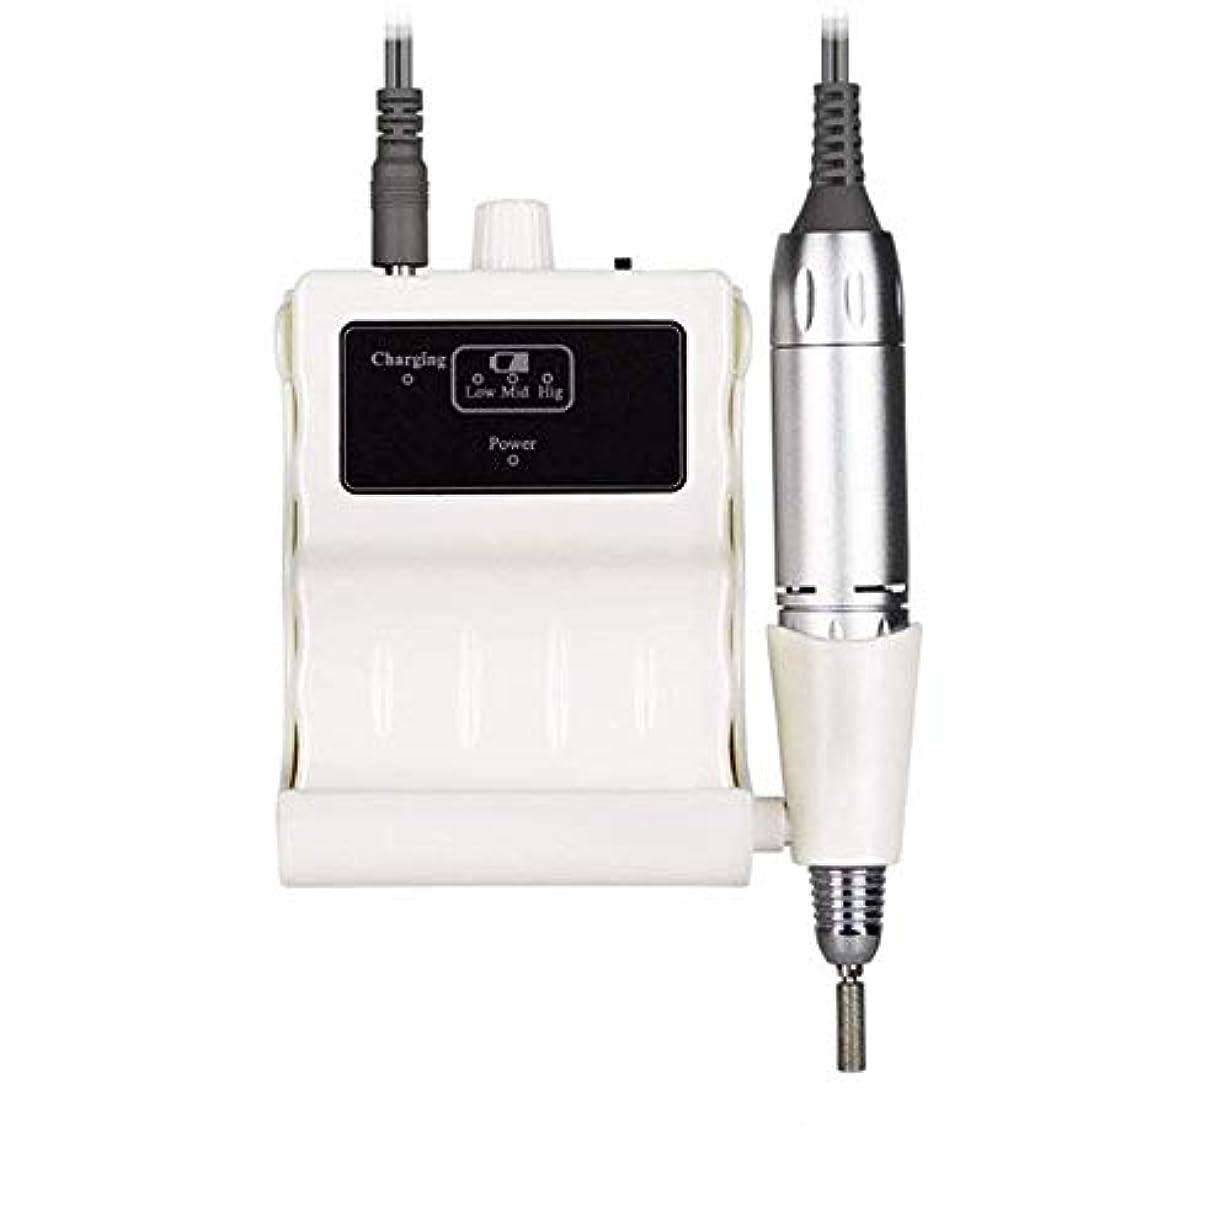 同僚ジャズ低いプロフェッショナルネイルドリルキット、電気ネイルドリルマシン30000RPM電気は6つの研削ヘッドと釘グラインダーマニキュアネイルアートツールのファイル